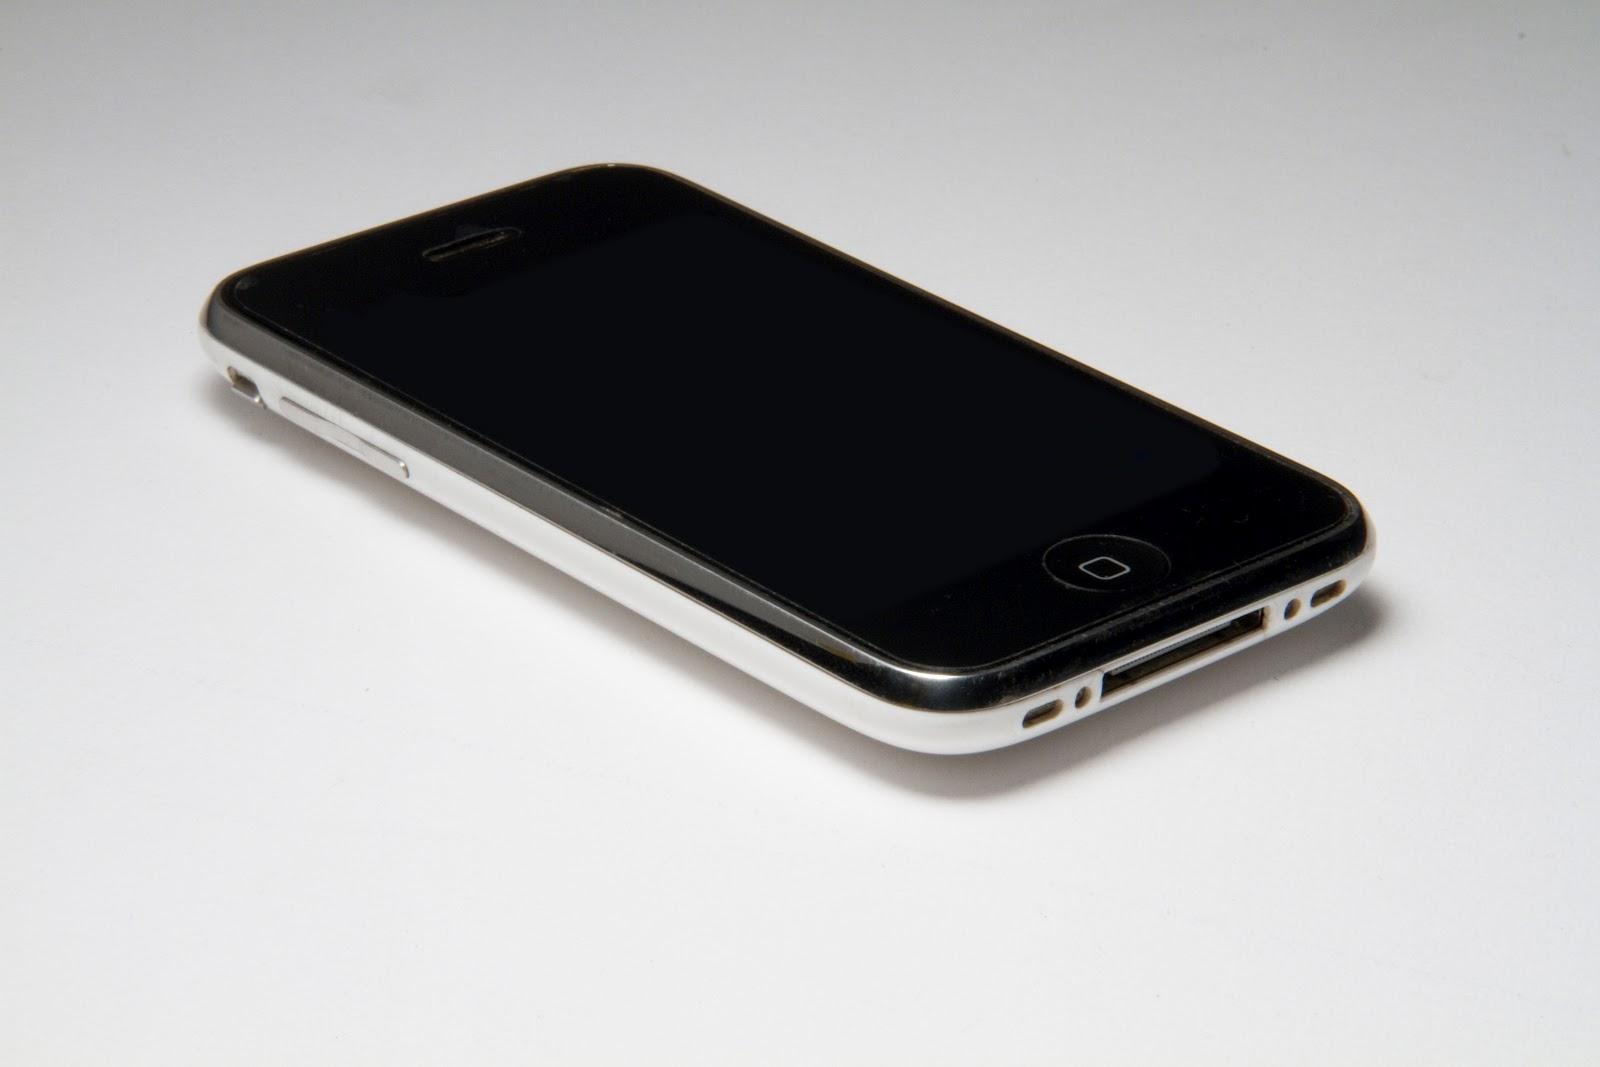 http://3.bp.blogspot.com/-qVrQvweilDc/T8jUOuCX3tI/AAAAAAAAA2g/mGbXw1sGp7M/s1600/Iphone+3g+(32).jpg